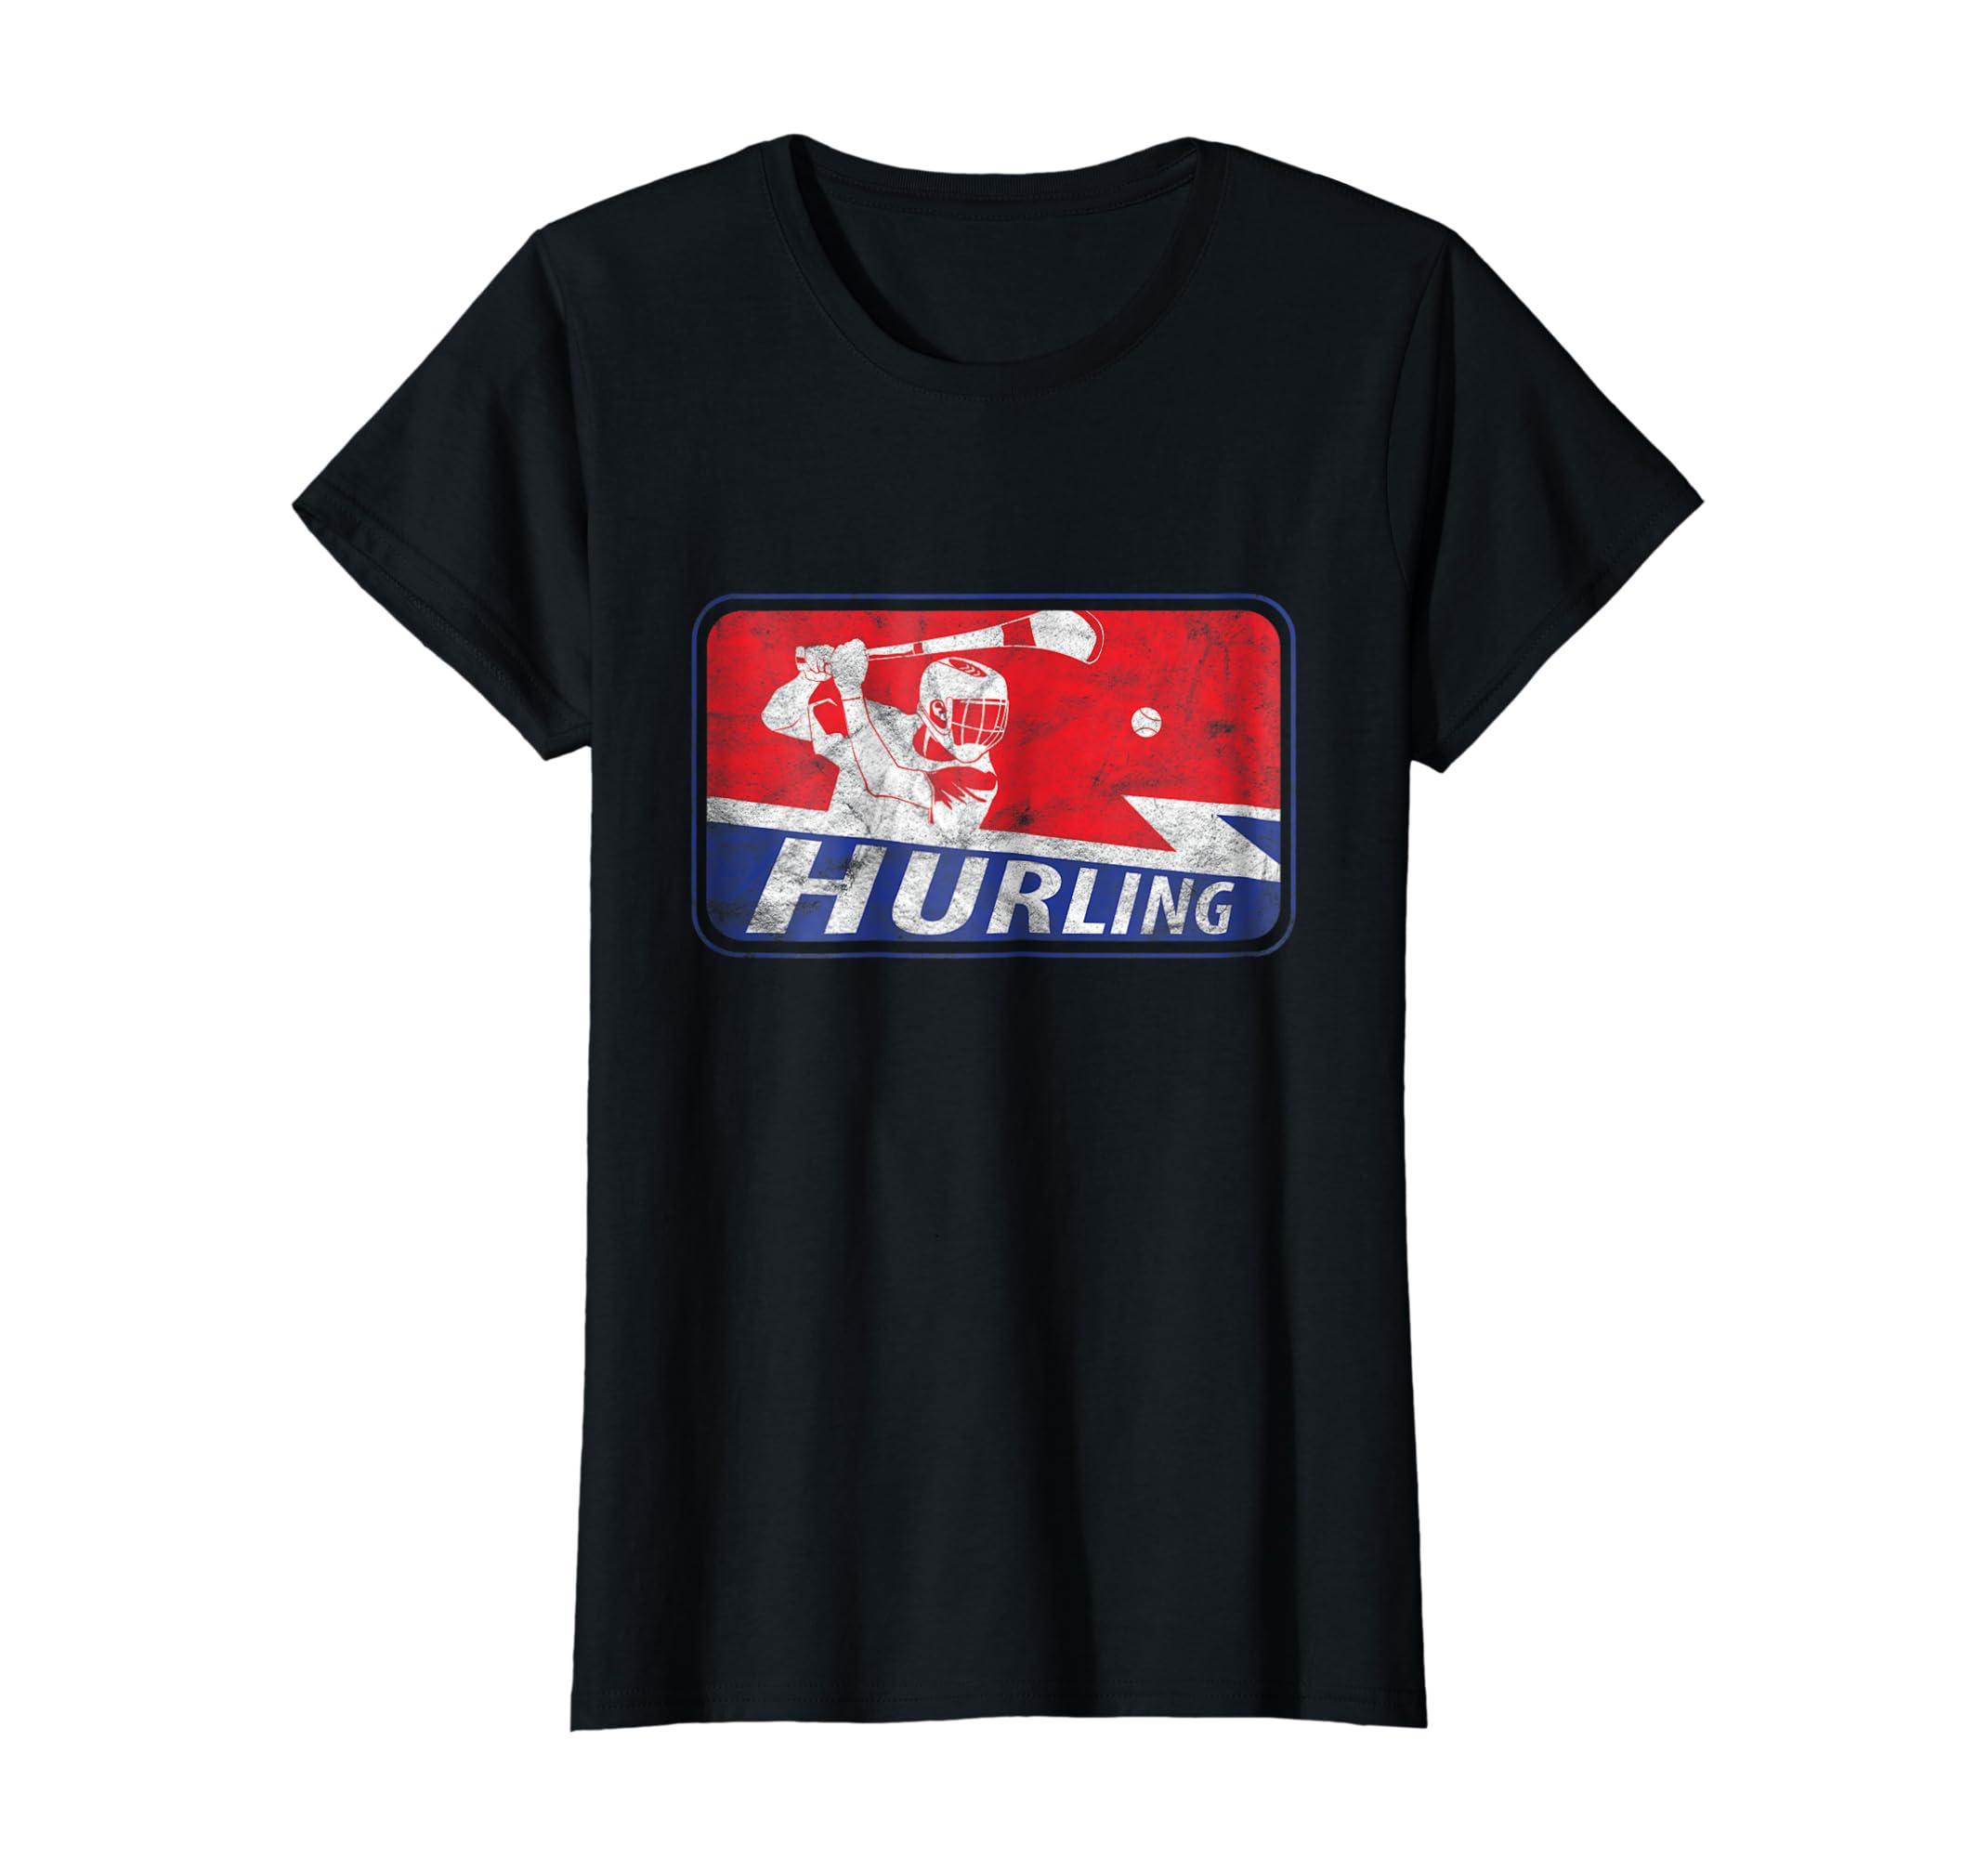 02d0daae406c5 Amazon.com: Hurling Player Irish Sliotar Hurley Logo & T Shirt Design:  Clothing